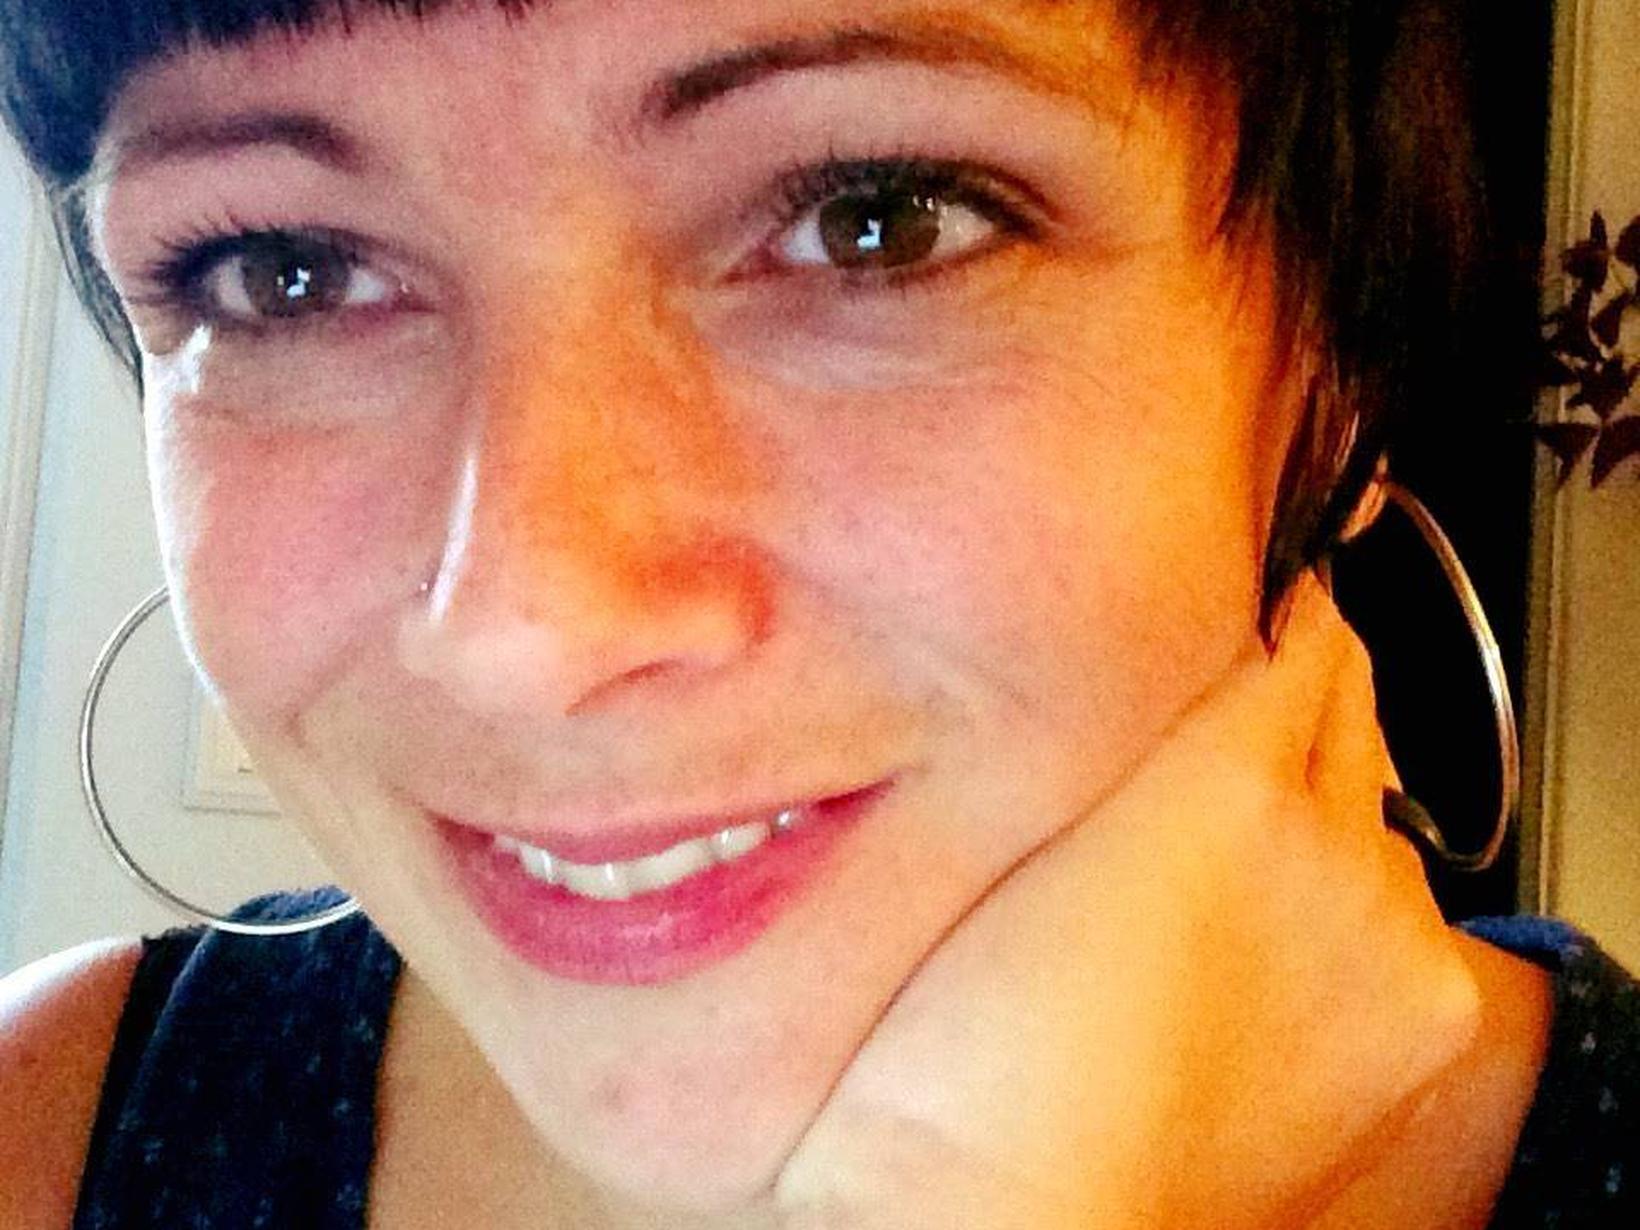 Véronique from Tadoussac, Quebec, Canada